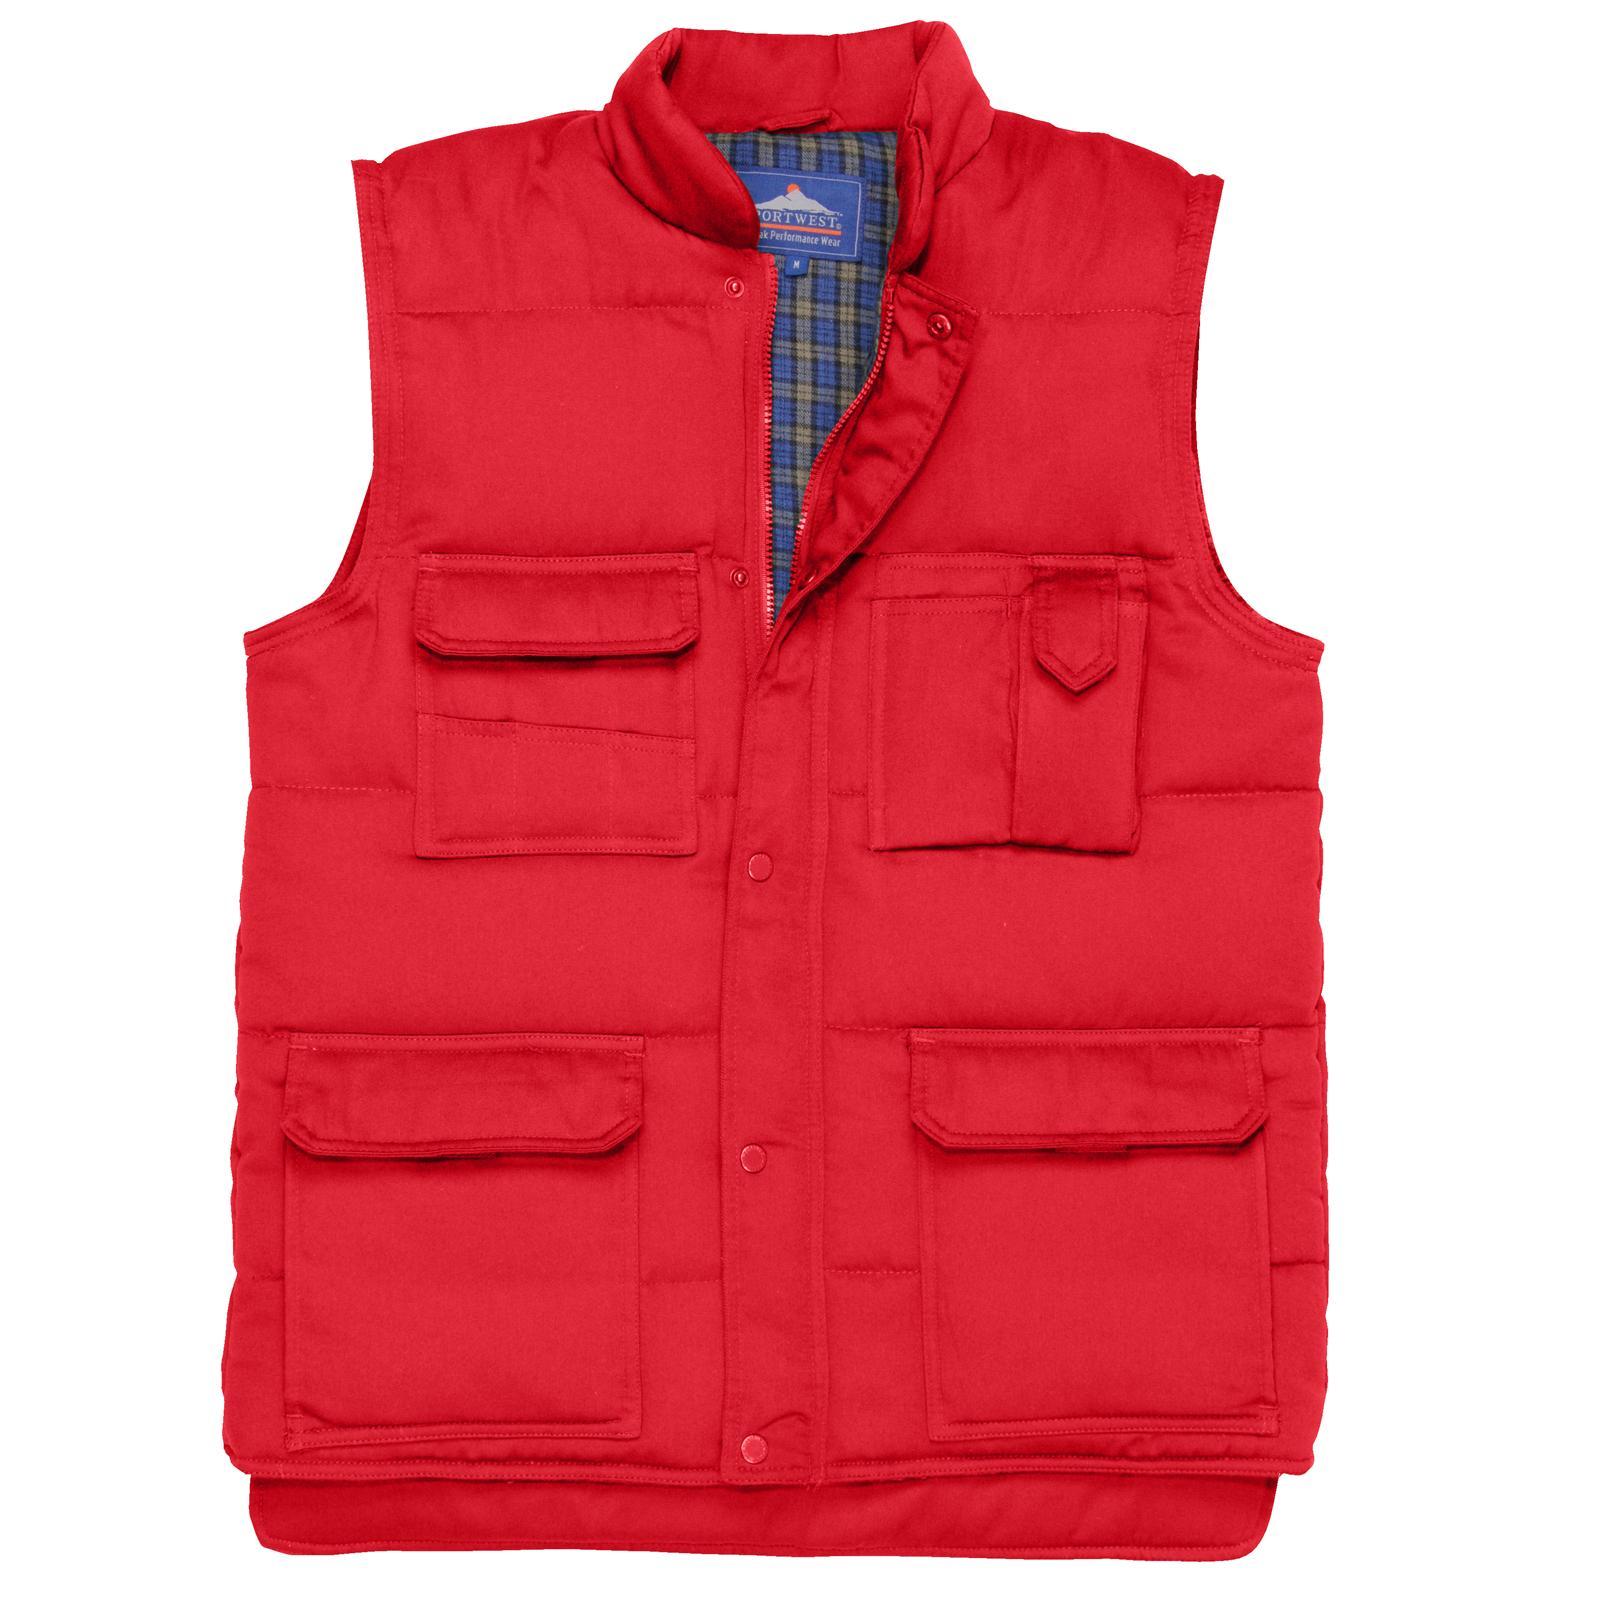 portwest veste sans manches hommes shetland multipoche travail 5 couleurs m 3xl ebay. Black Bedroom Furniture Sets. Home Design Ideas